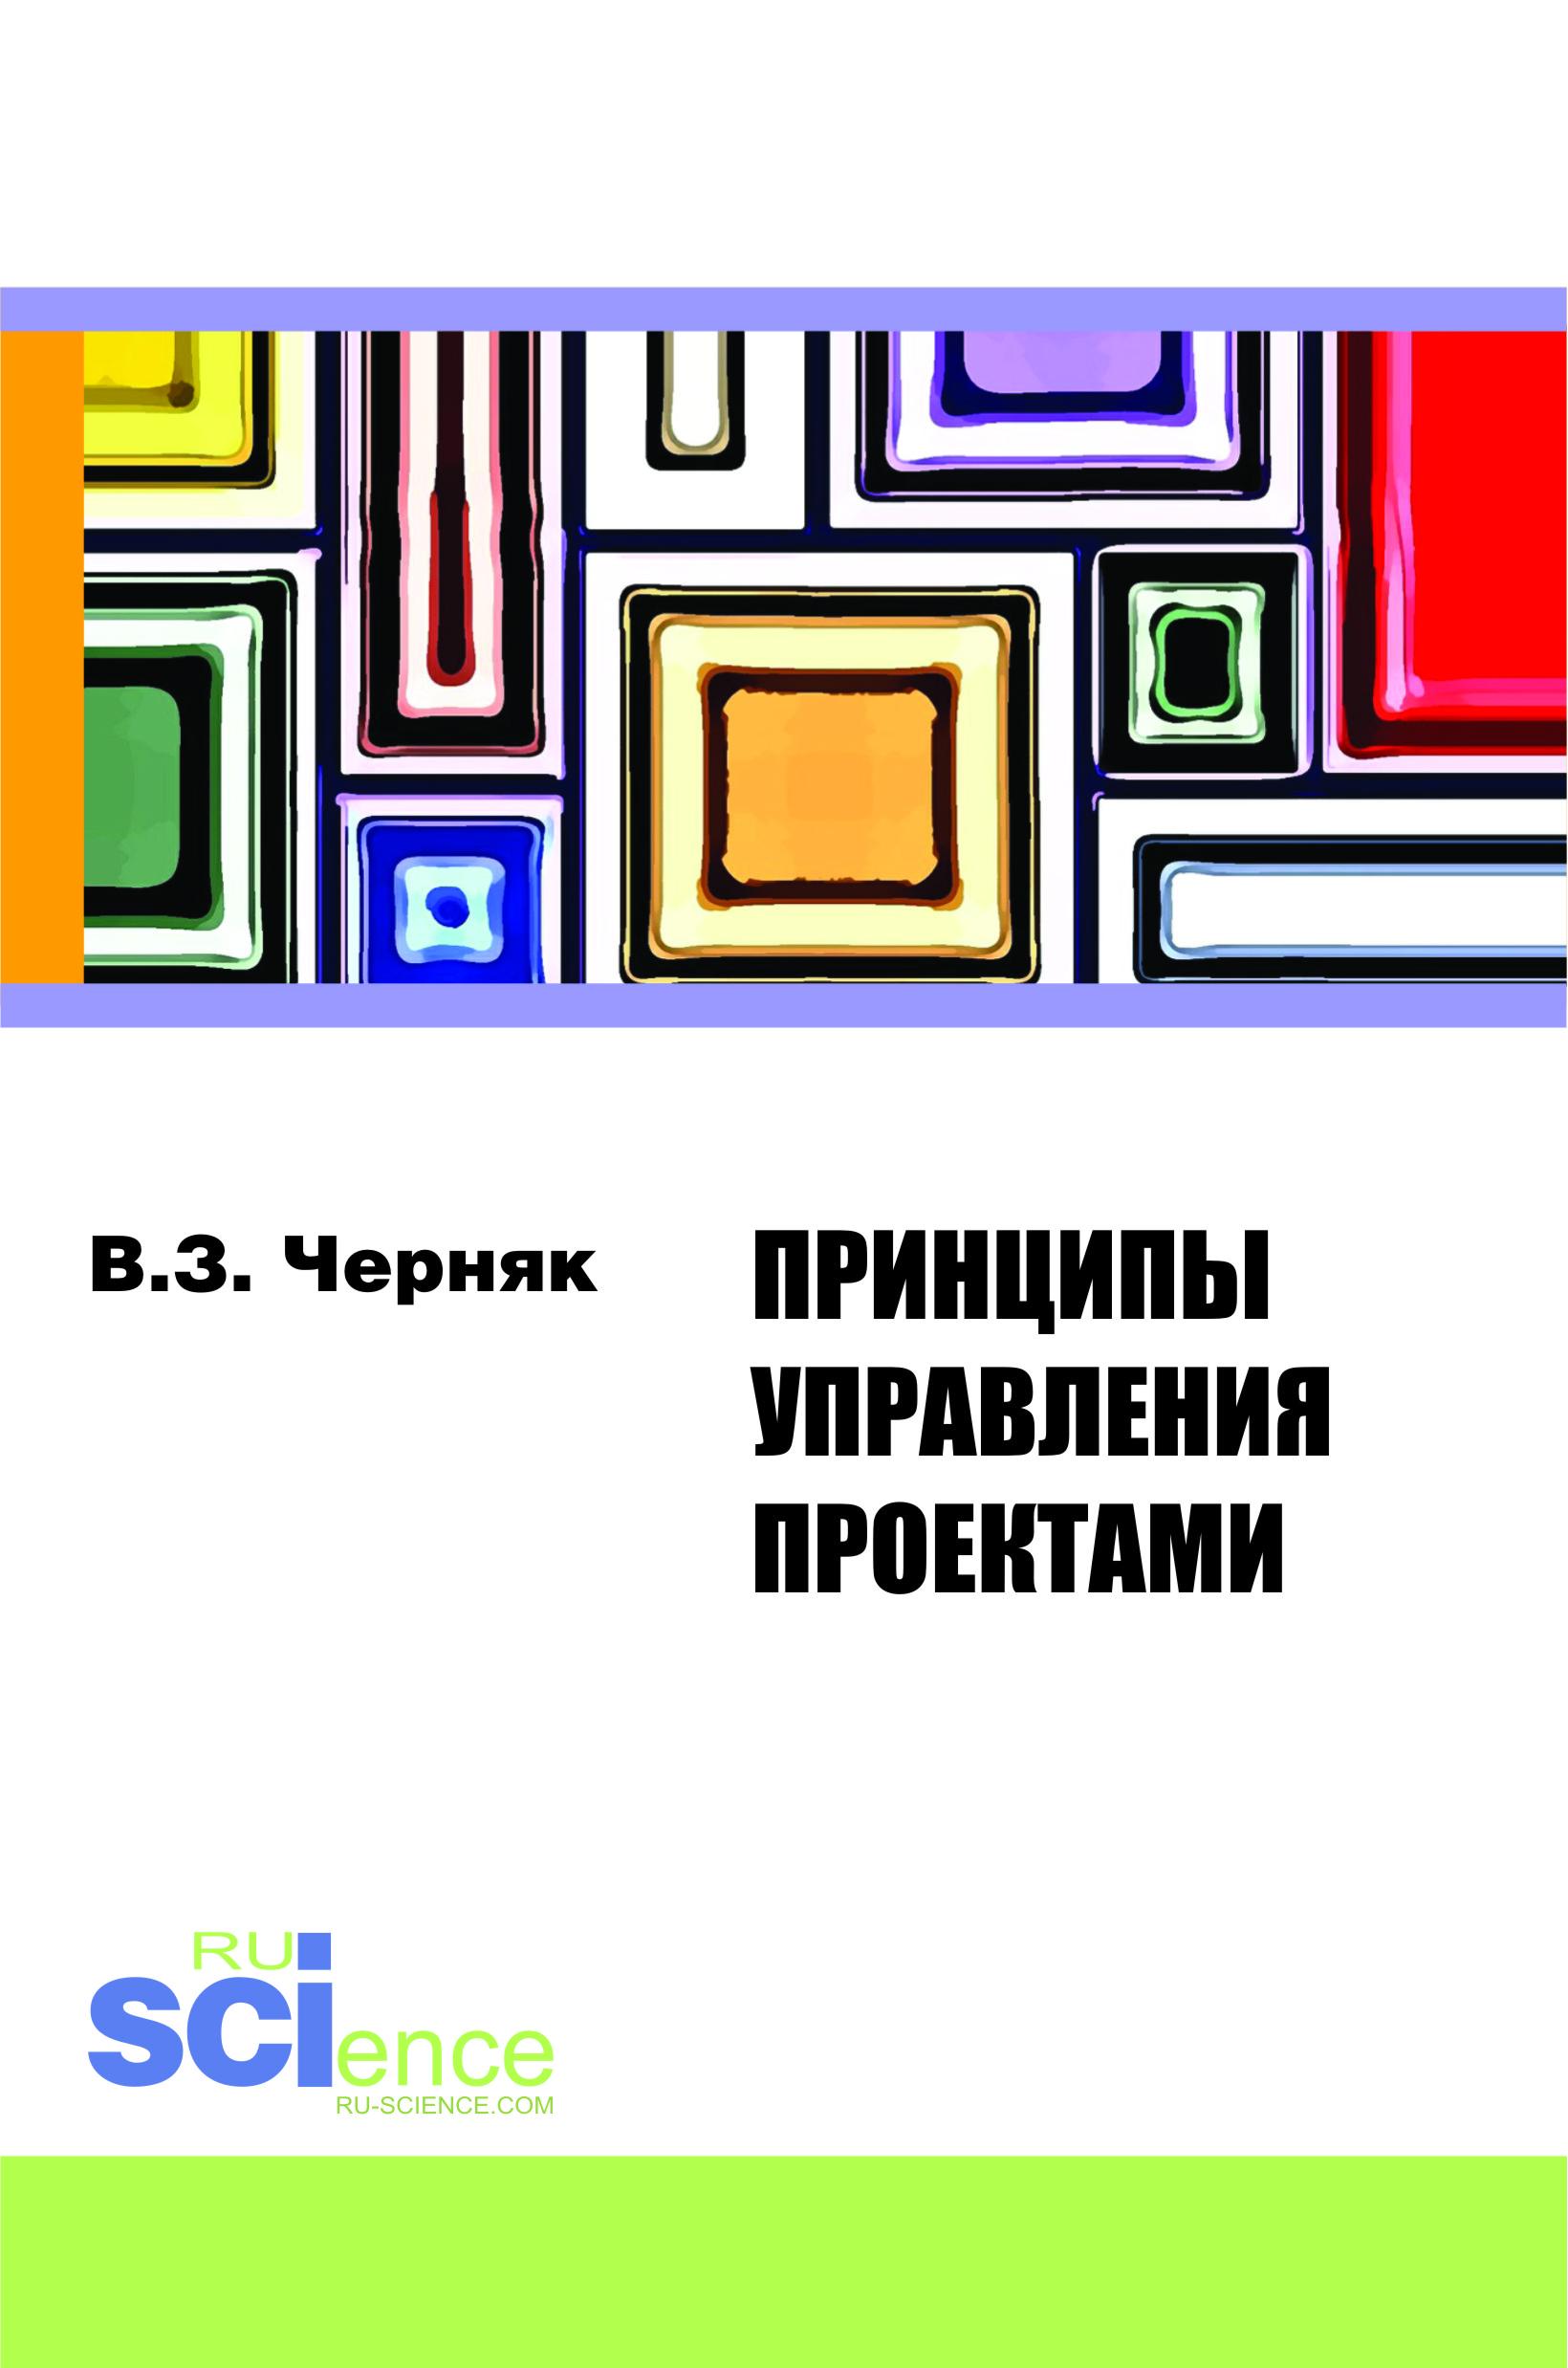 Принципы управления проектами. Монография